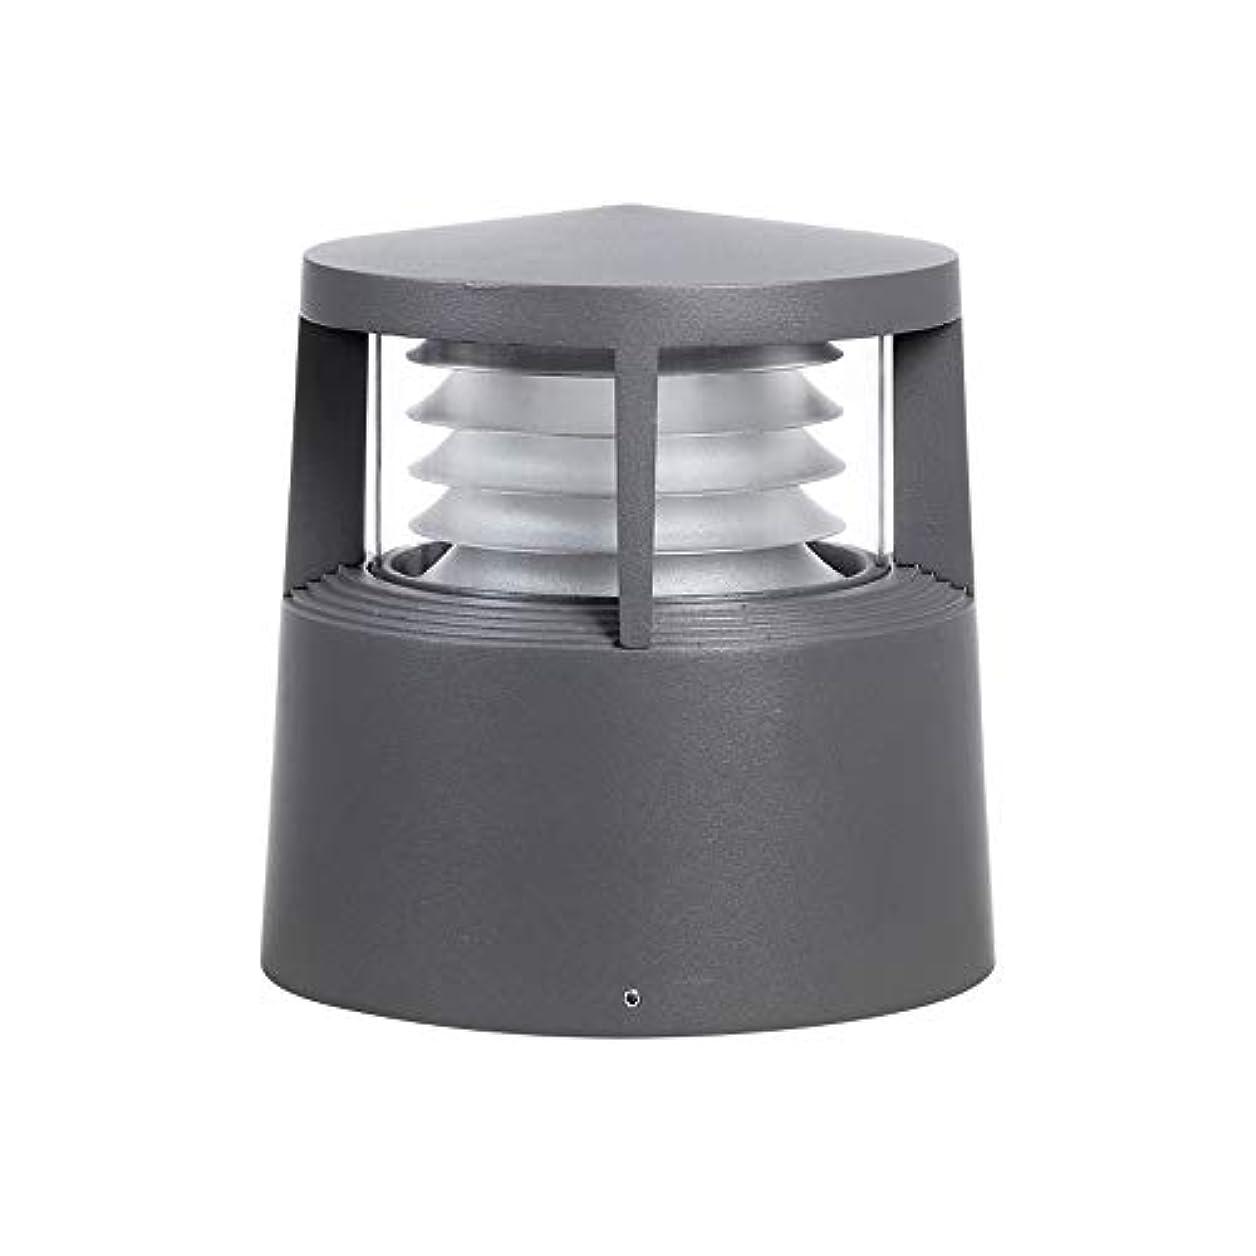 低いクライマックス良性Pinjeer E27モダンシンプルな防水屋外PCのポストライティング高さ21センチメートルメタルアルミコラムランプヴィラホームストリートガーデンコートヤードデコーディング照明ピラーライト